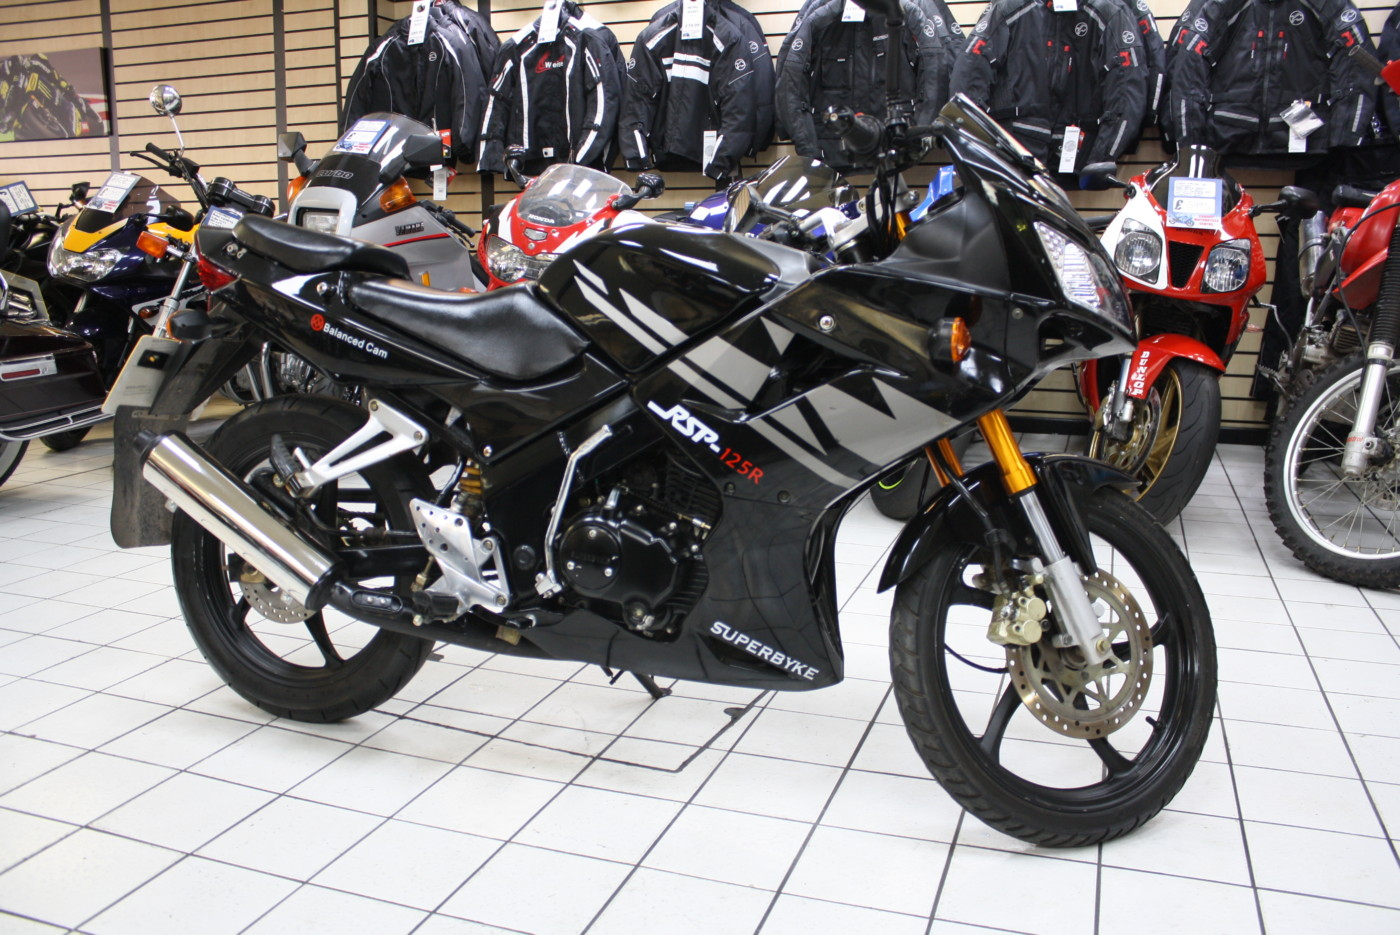 Superbyke RSP 125cc